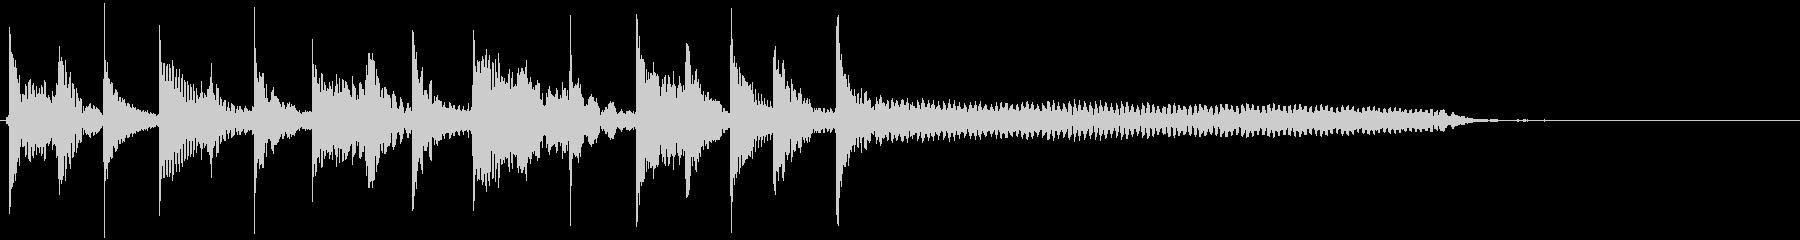 パーカッシブなアコギのフレーズの未再生の波形